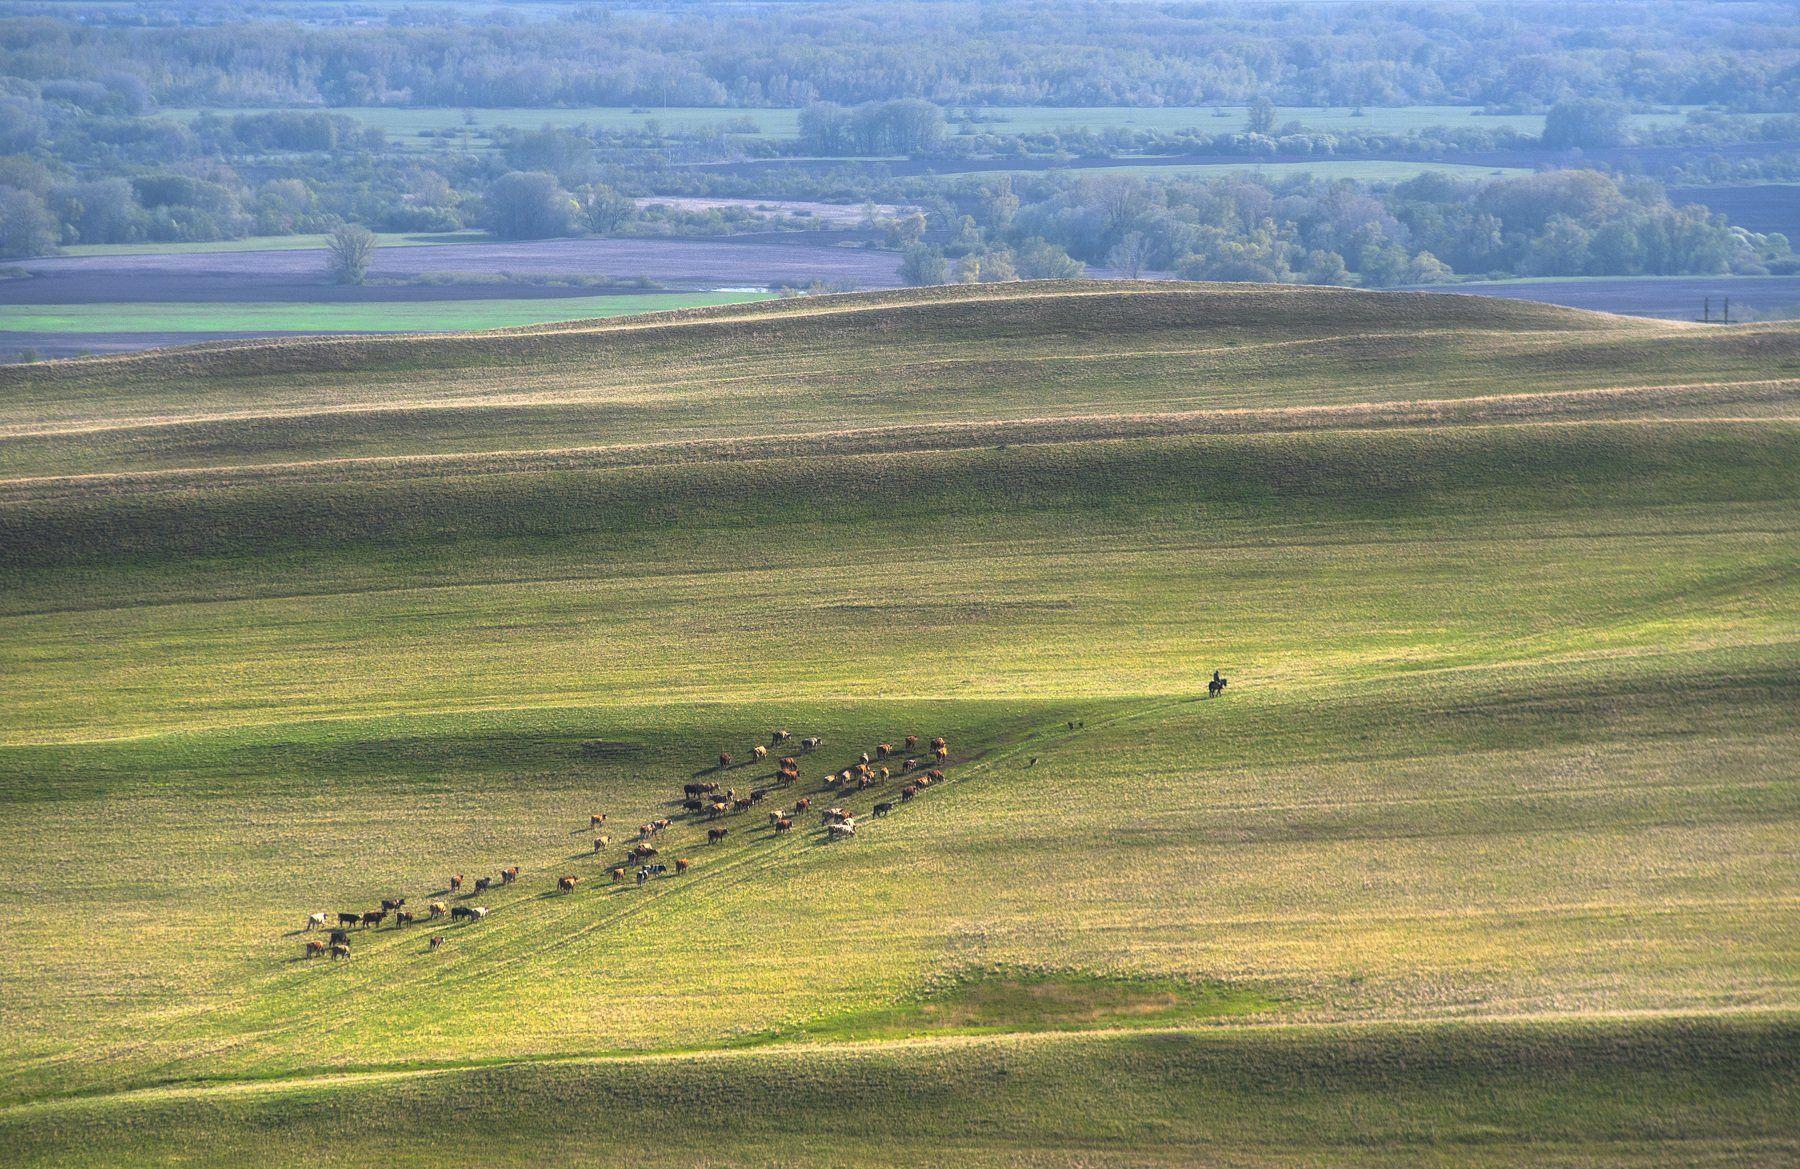 путь, домой, стадо, коровы, пастух, холмы, гора, линии, степь, поле, всадник, оренбуржье, Логачёв Илья